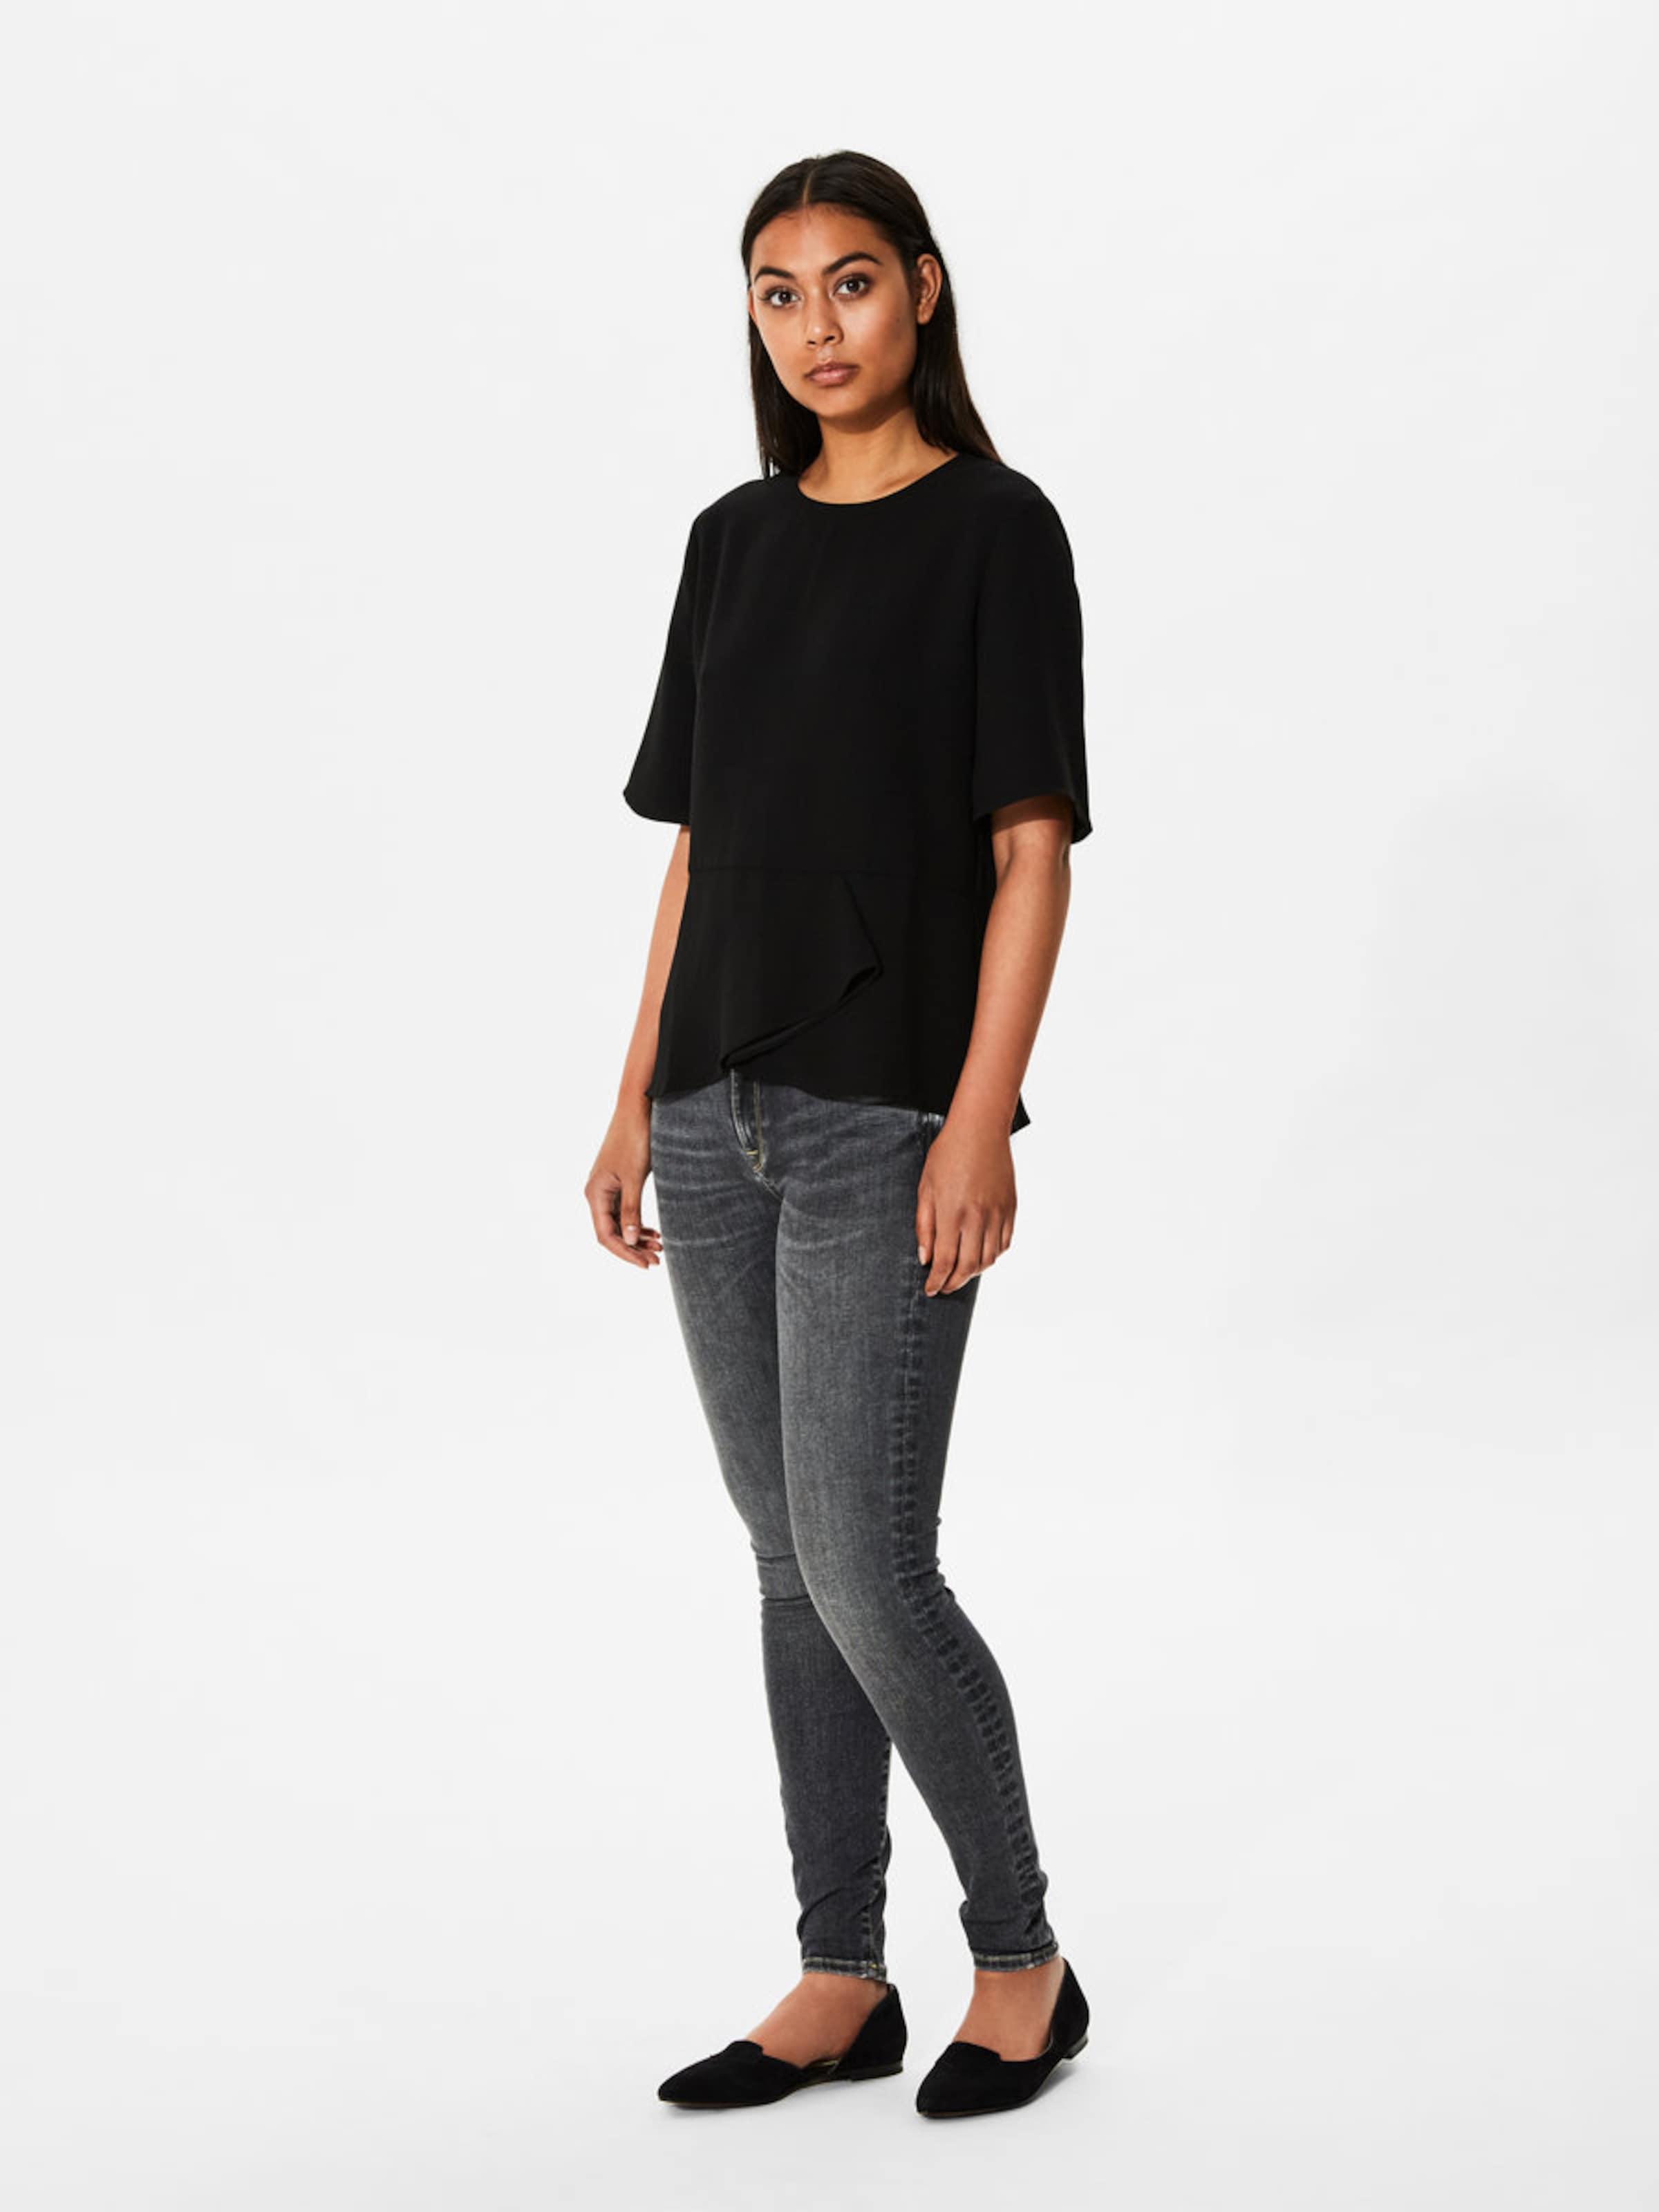 Freies Verschiffen Klassische SELECTED FEMME Feminines T-Shirt Gute Qualität Outlet-Store Günstiger Preis 0d3AY